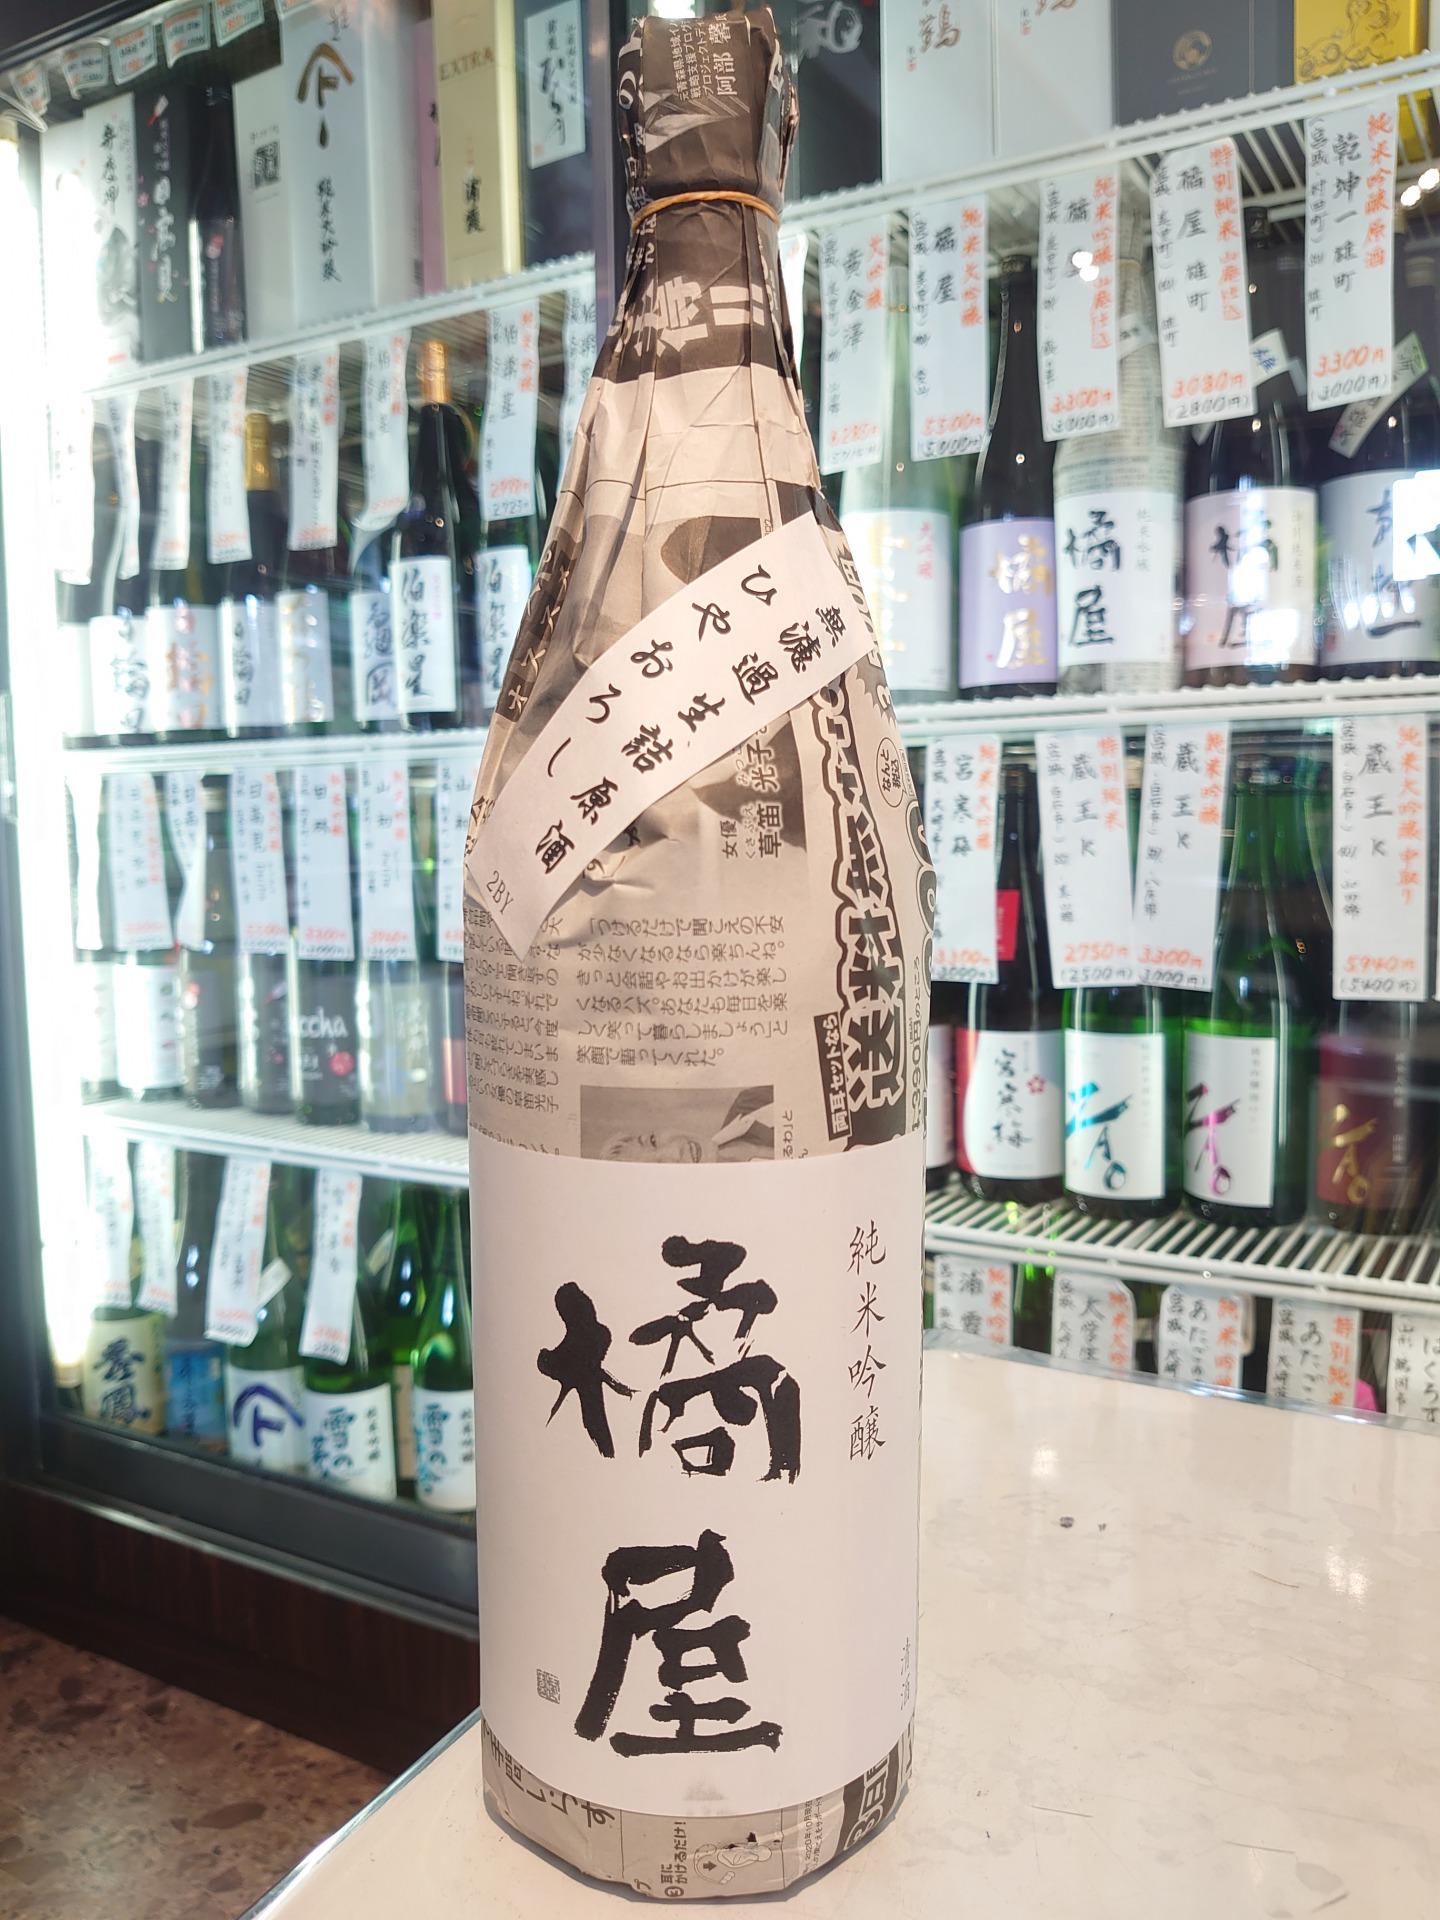 橘屋 秘傳山廃純米吟醸原酒 ひやおろし 1.8L